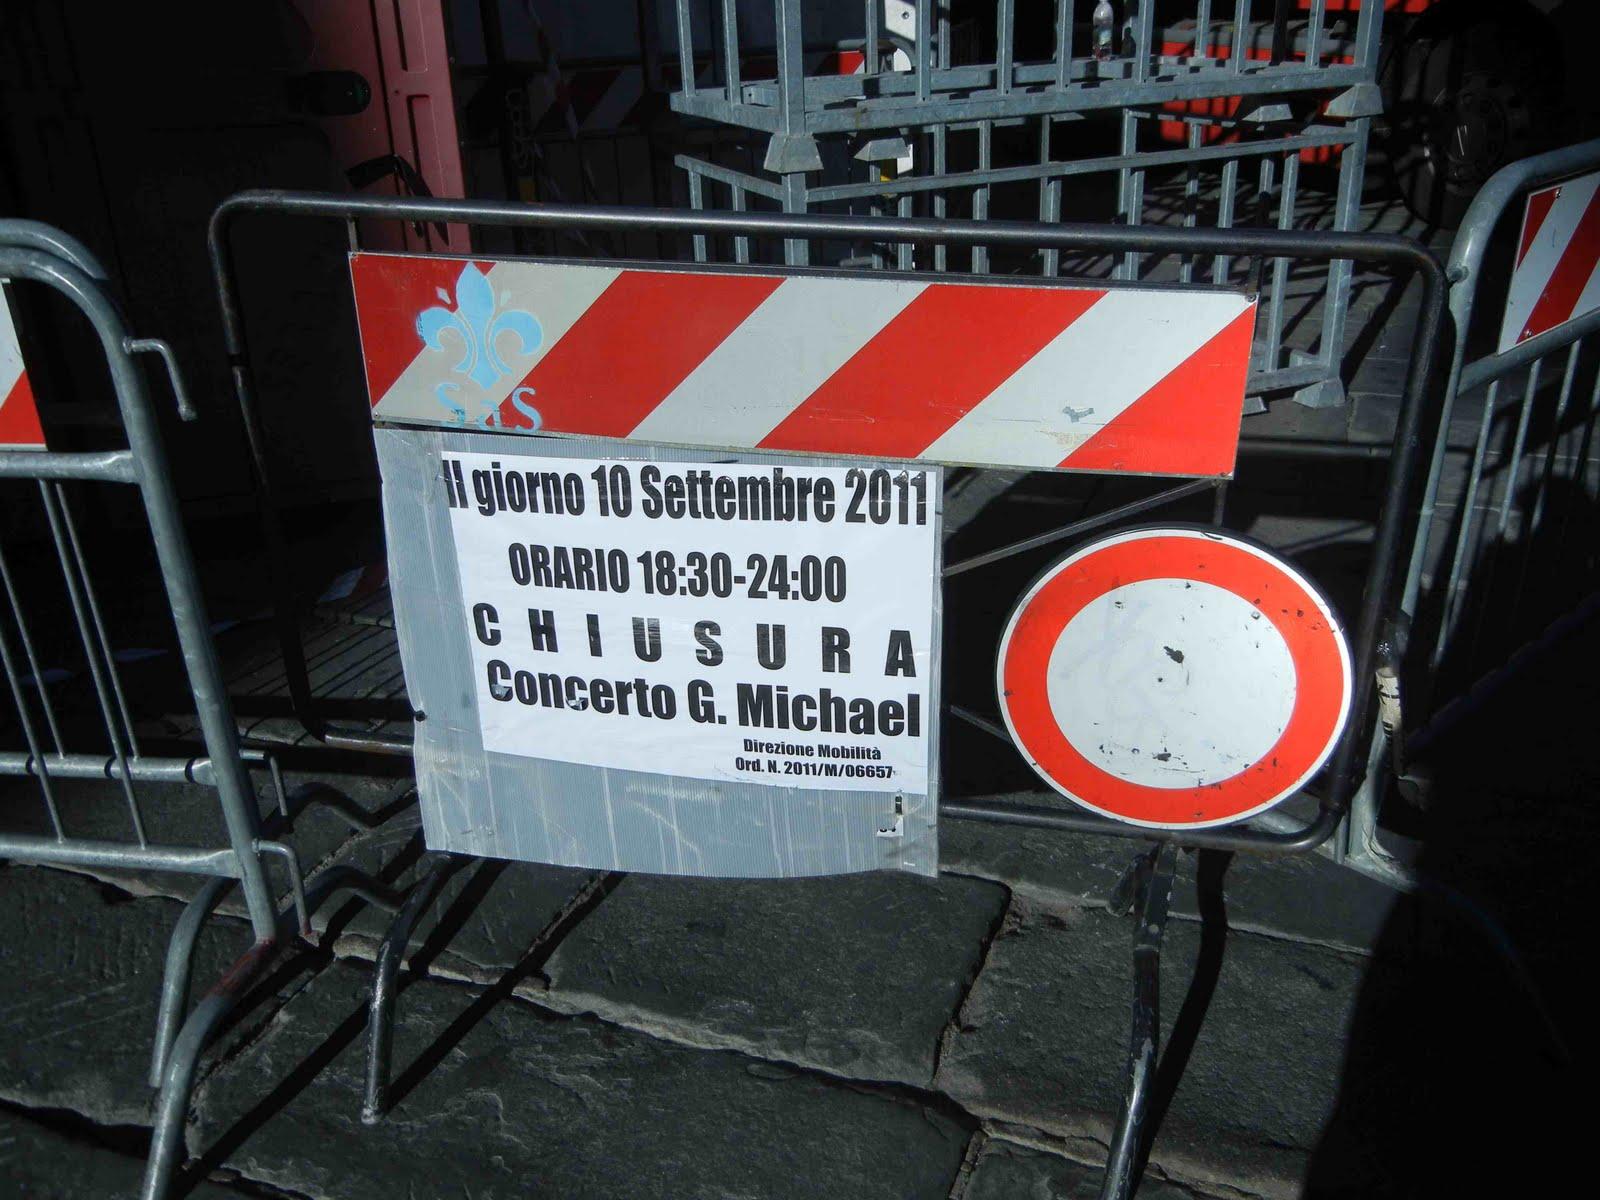 http://3.bp.blogspot.com/-A1k35K4CmlE/TmtVjZEISMI/AAAAAAAAJVo/VUJ2kpzeQK4/s1600/concerto+george+michael.jpg